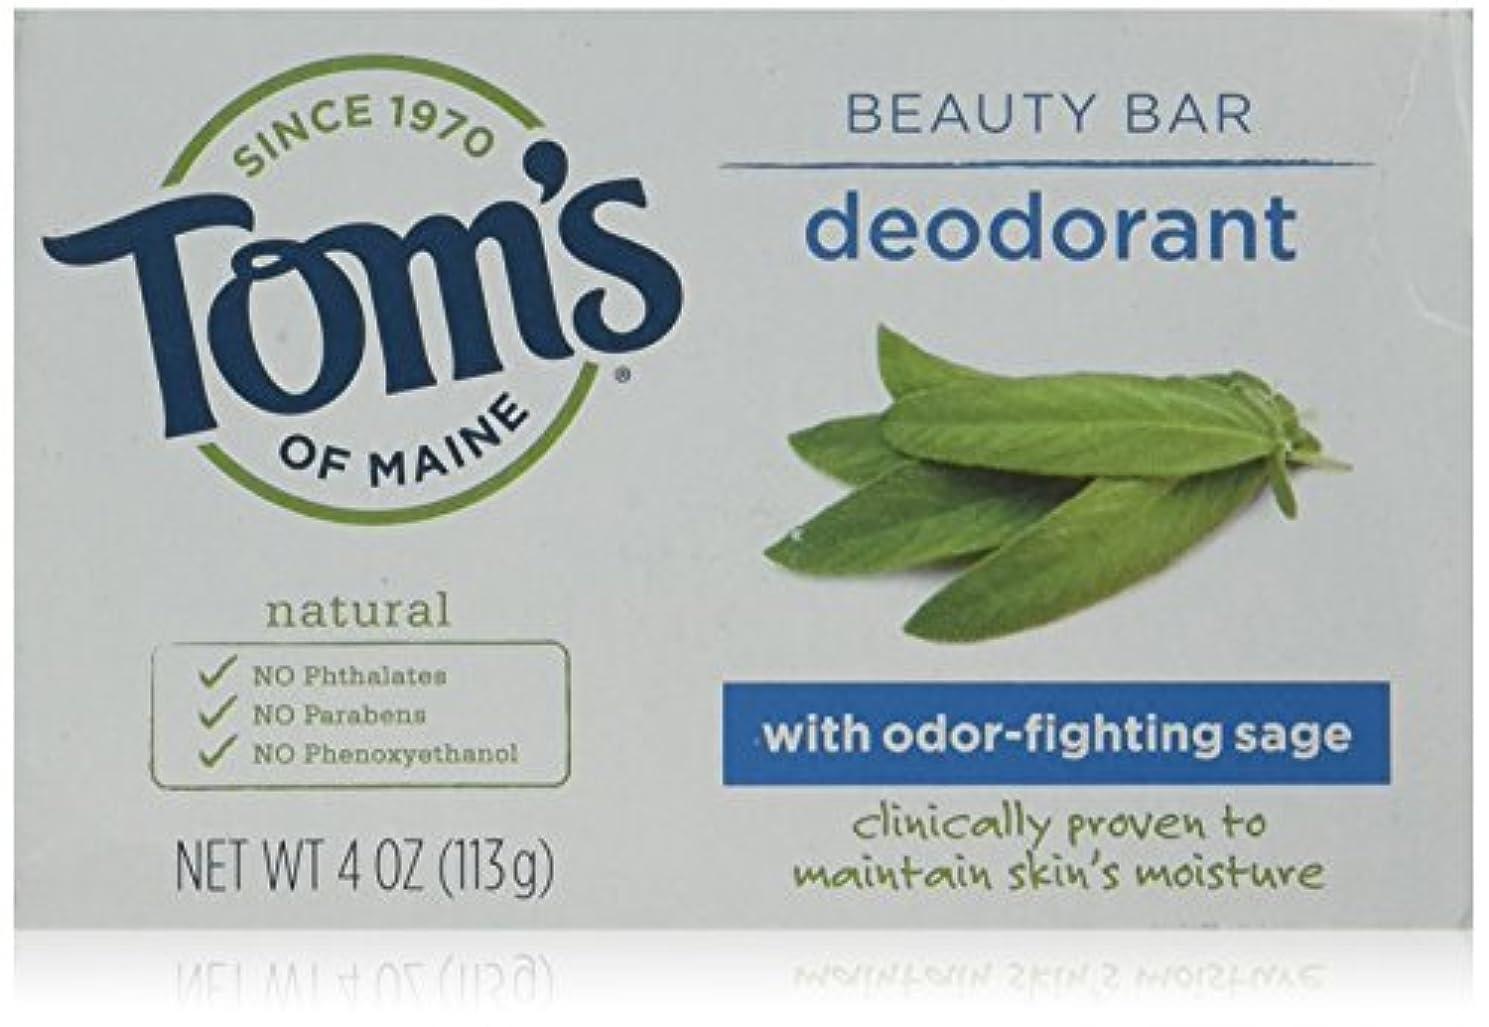 潮捨てるばかげているTom's of Maine Natural Beauty Bar Deodorant Soap ナチュラル ビューティー バー デオドラント ソープ [4oz (113g)] [並行輸入品]